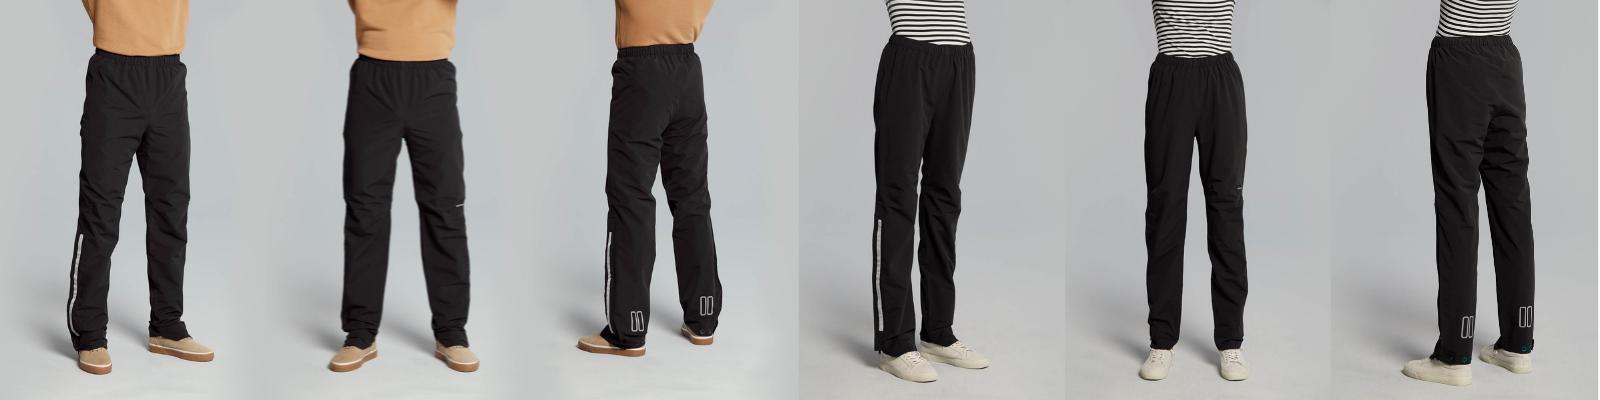 Bannière pantalons imperméables